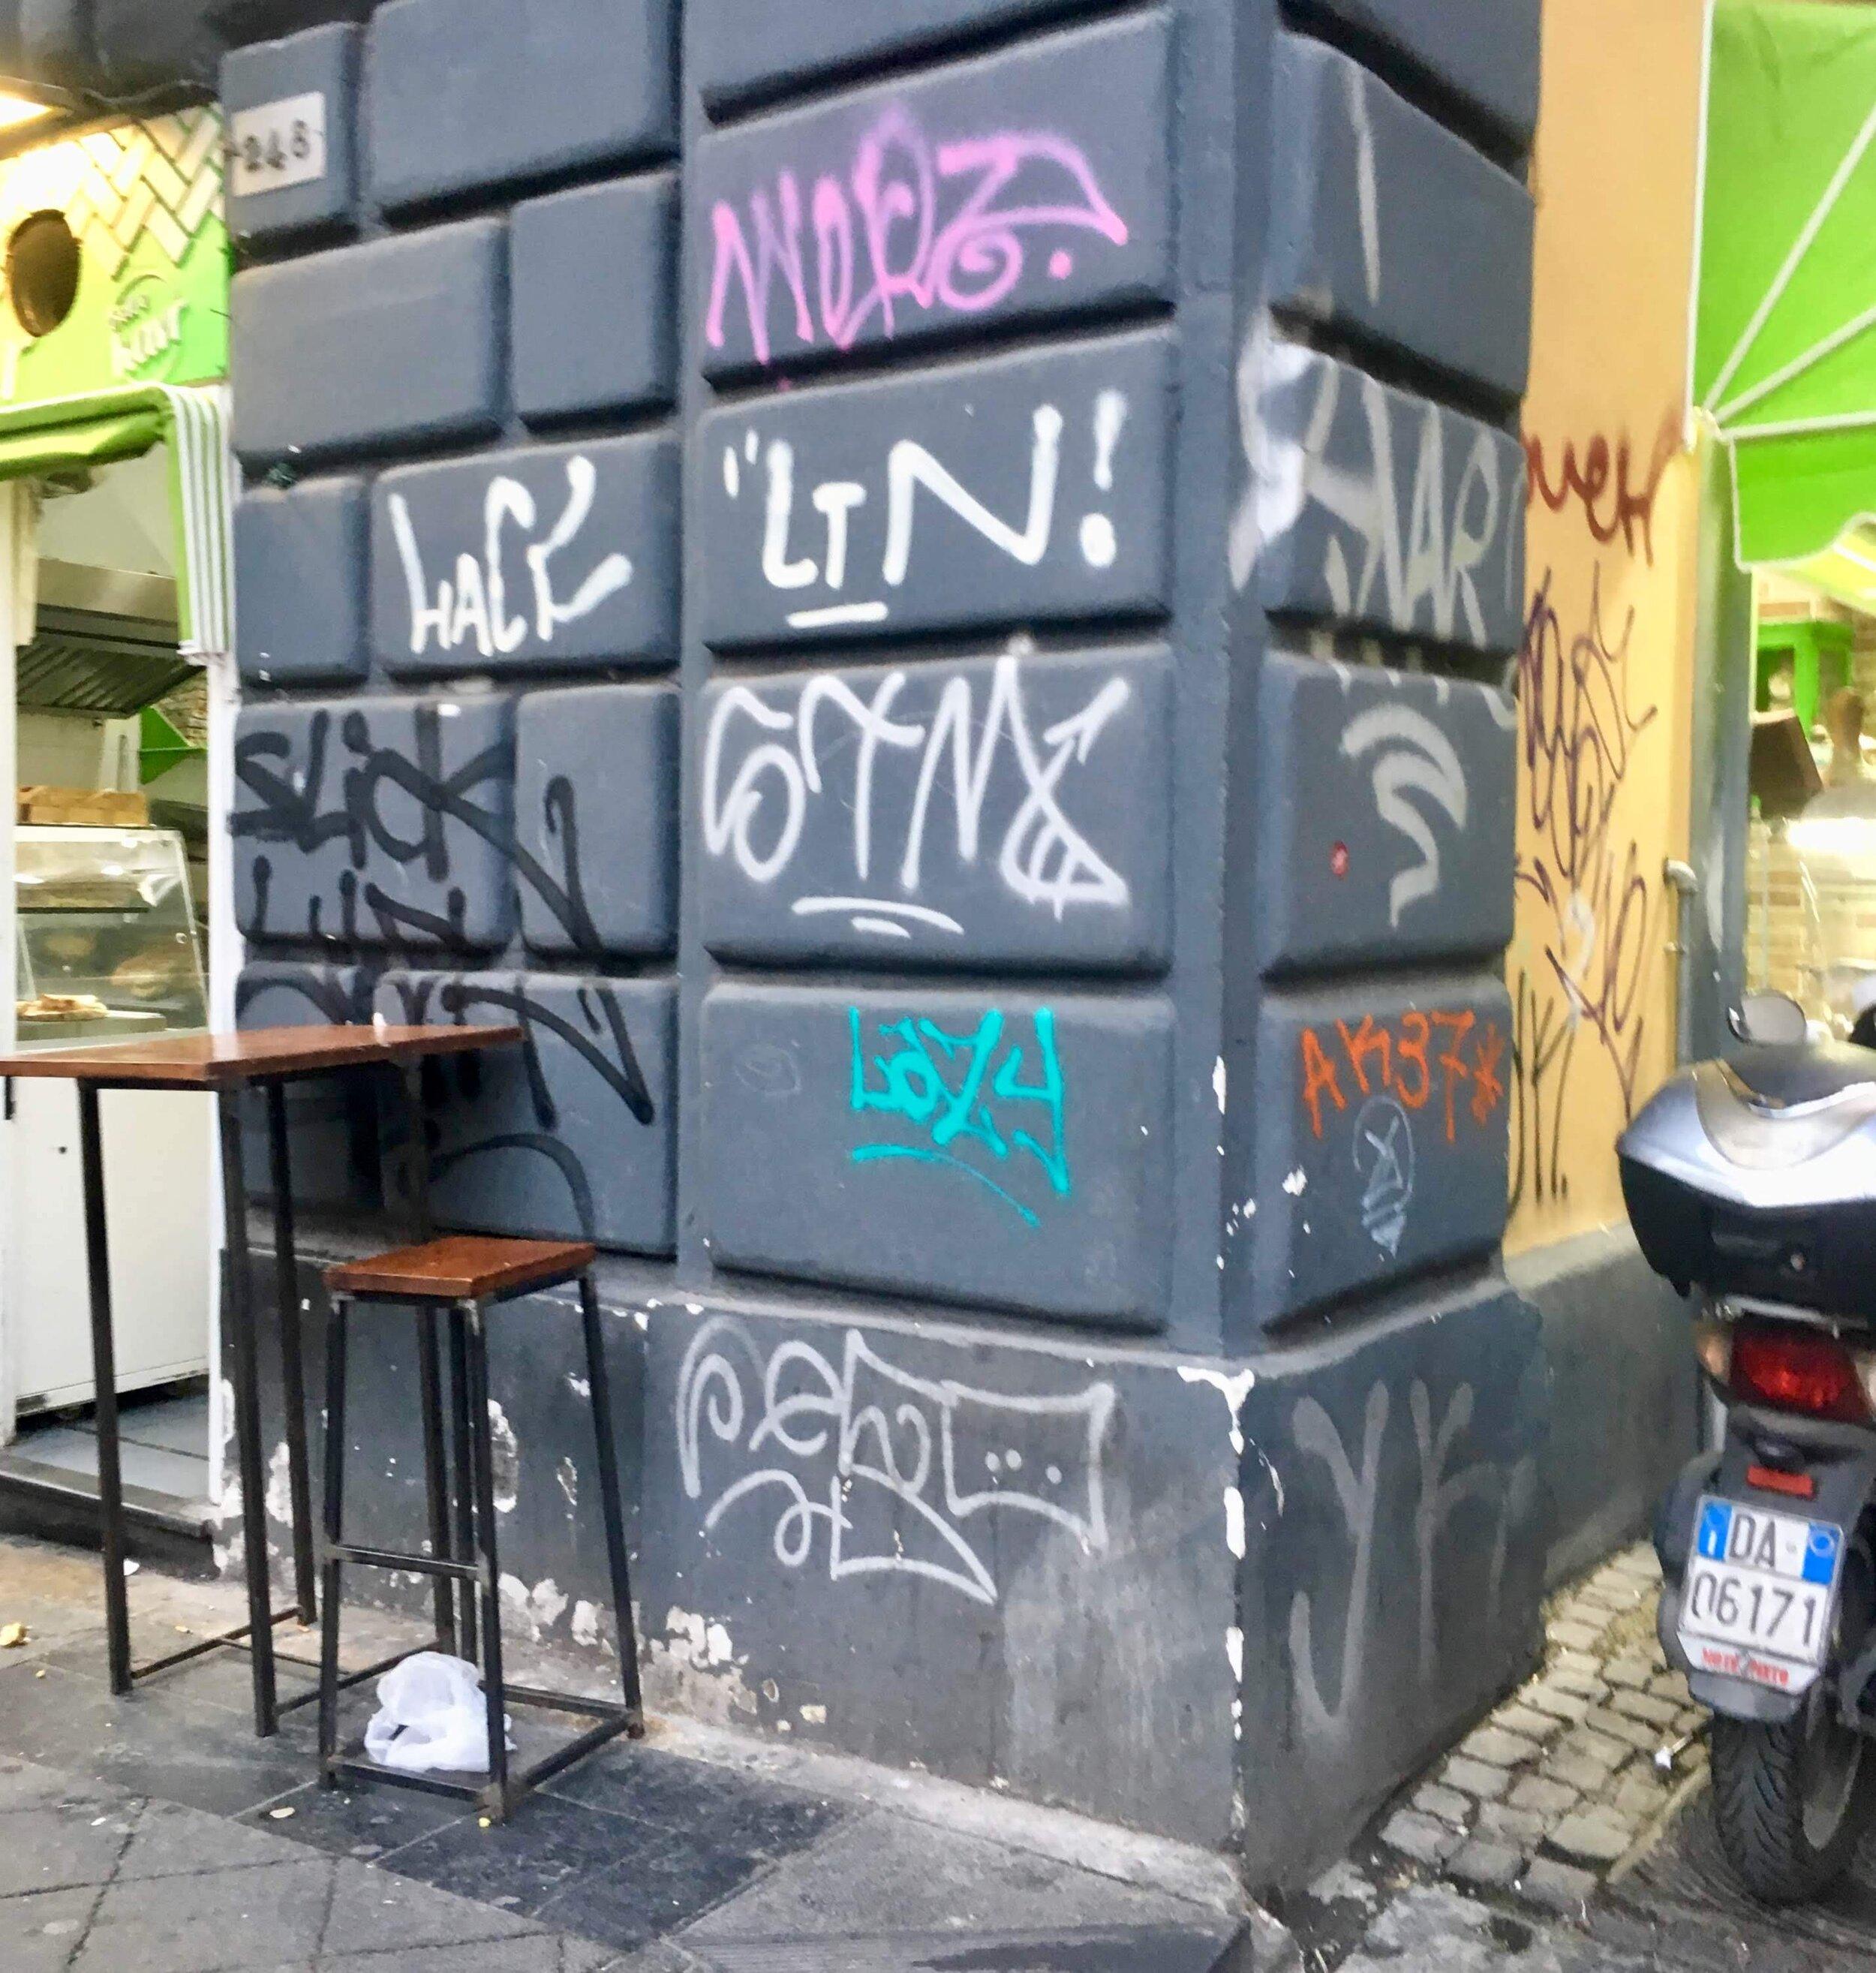 Naples seemed ground zero for the post apocalypse